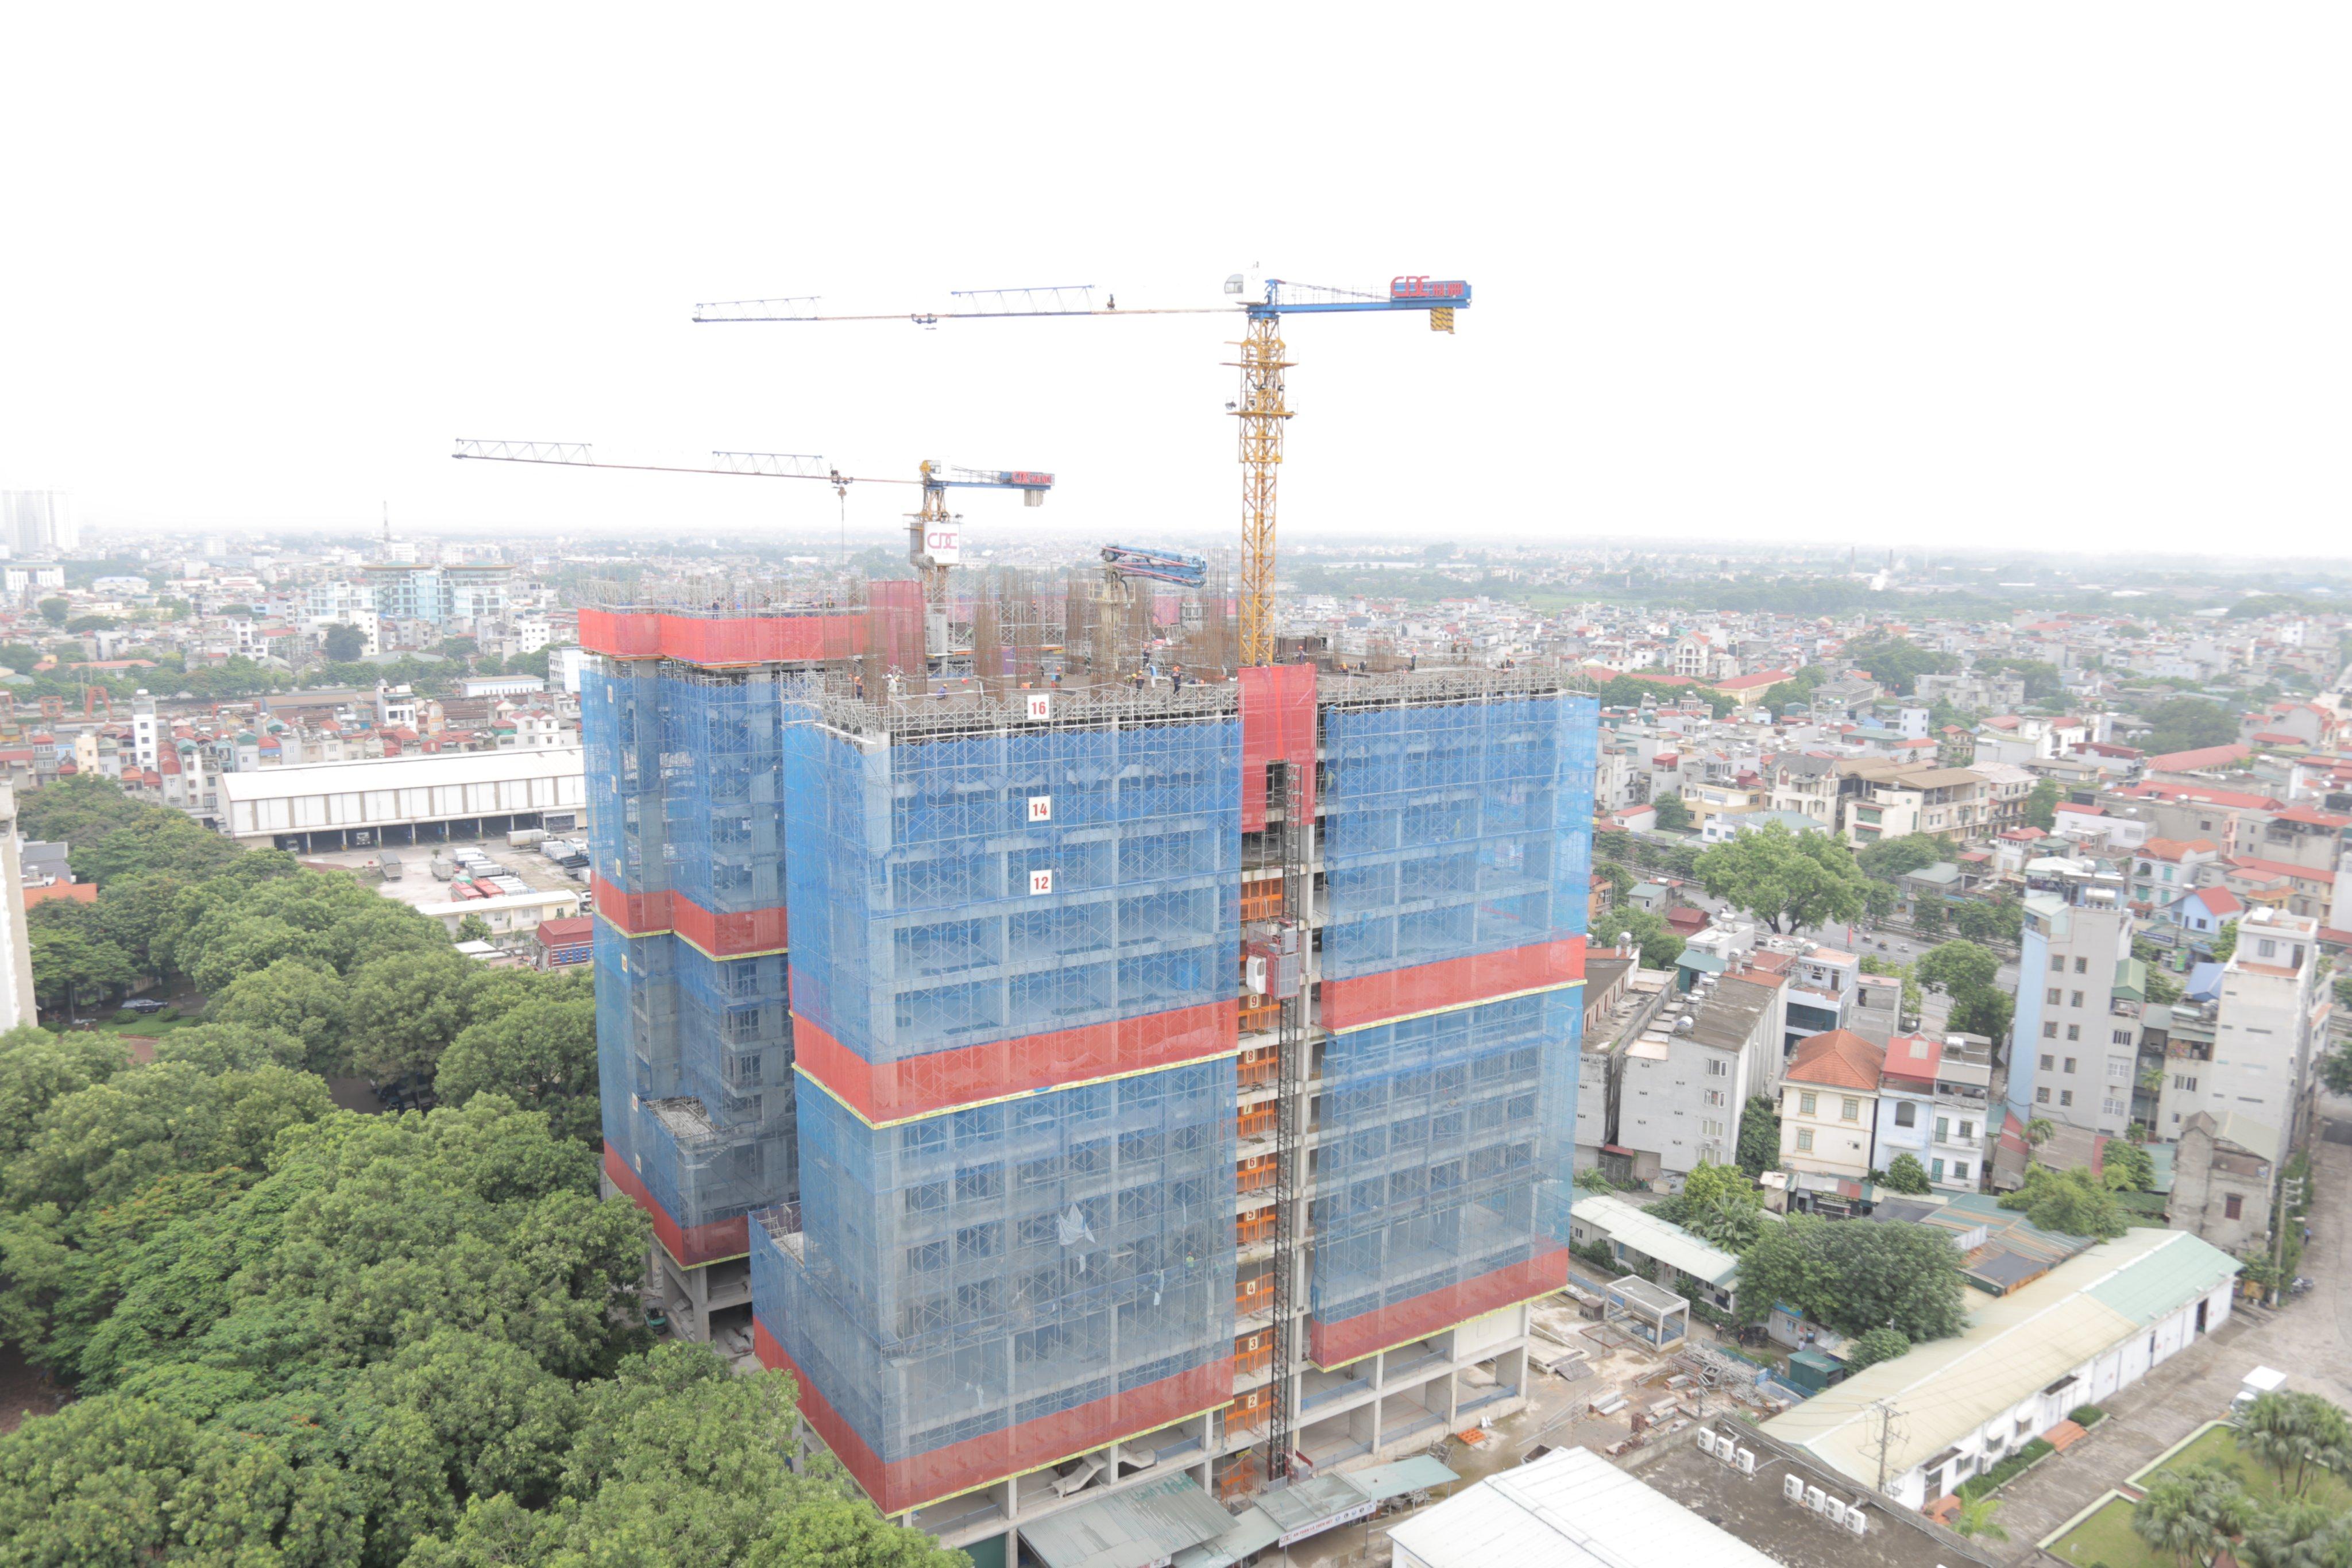 Tiến độ xây dựng Athena Complex Pháp Vân tháng 8/2020